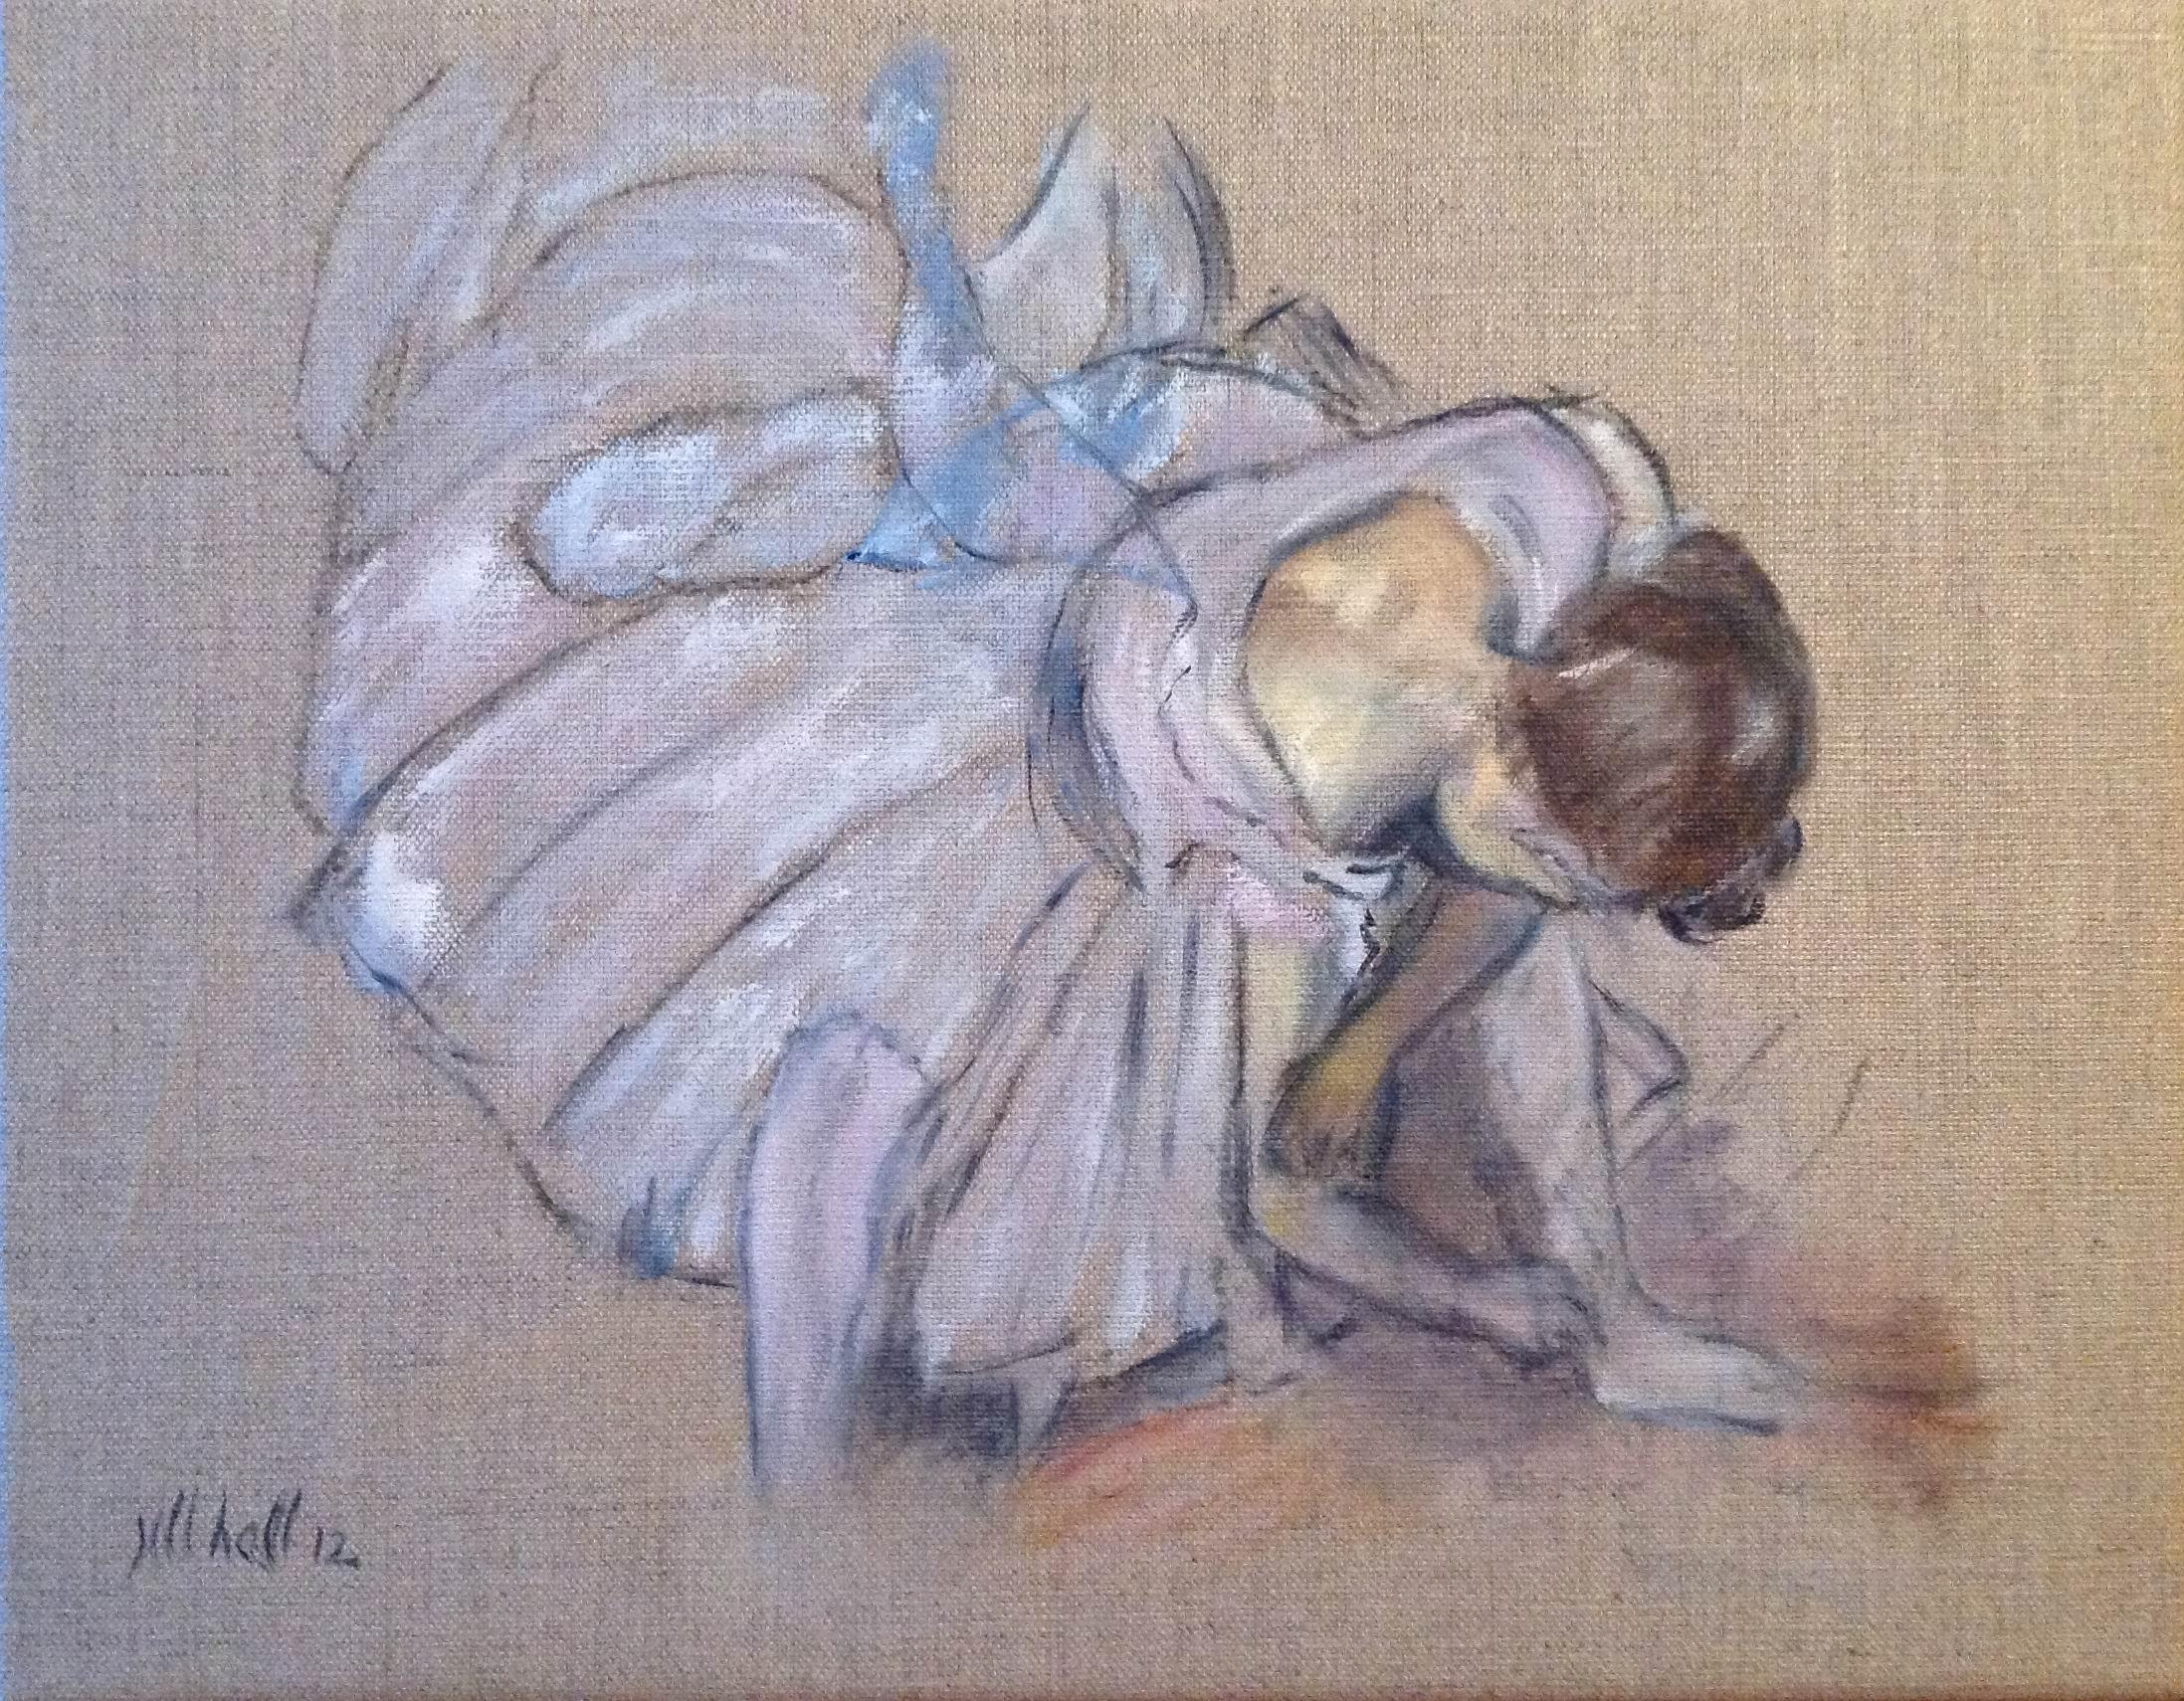 Dancer Adjusting Her Shoe - 11x14 on linen